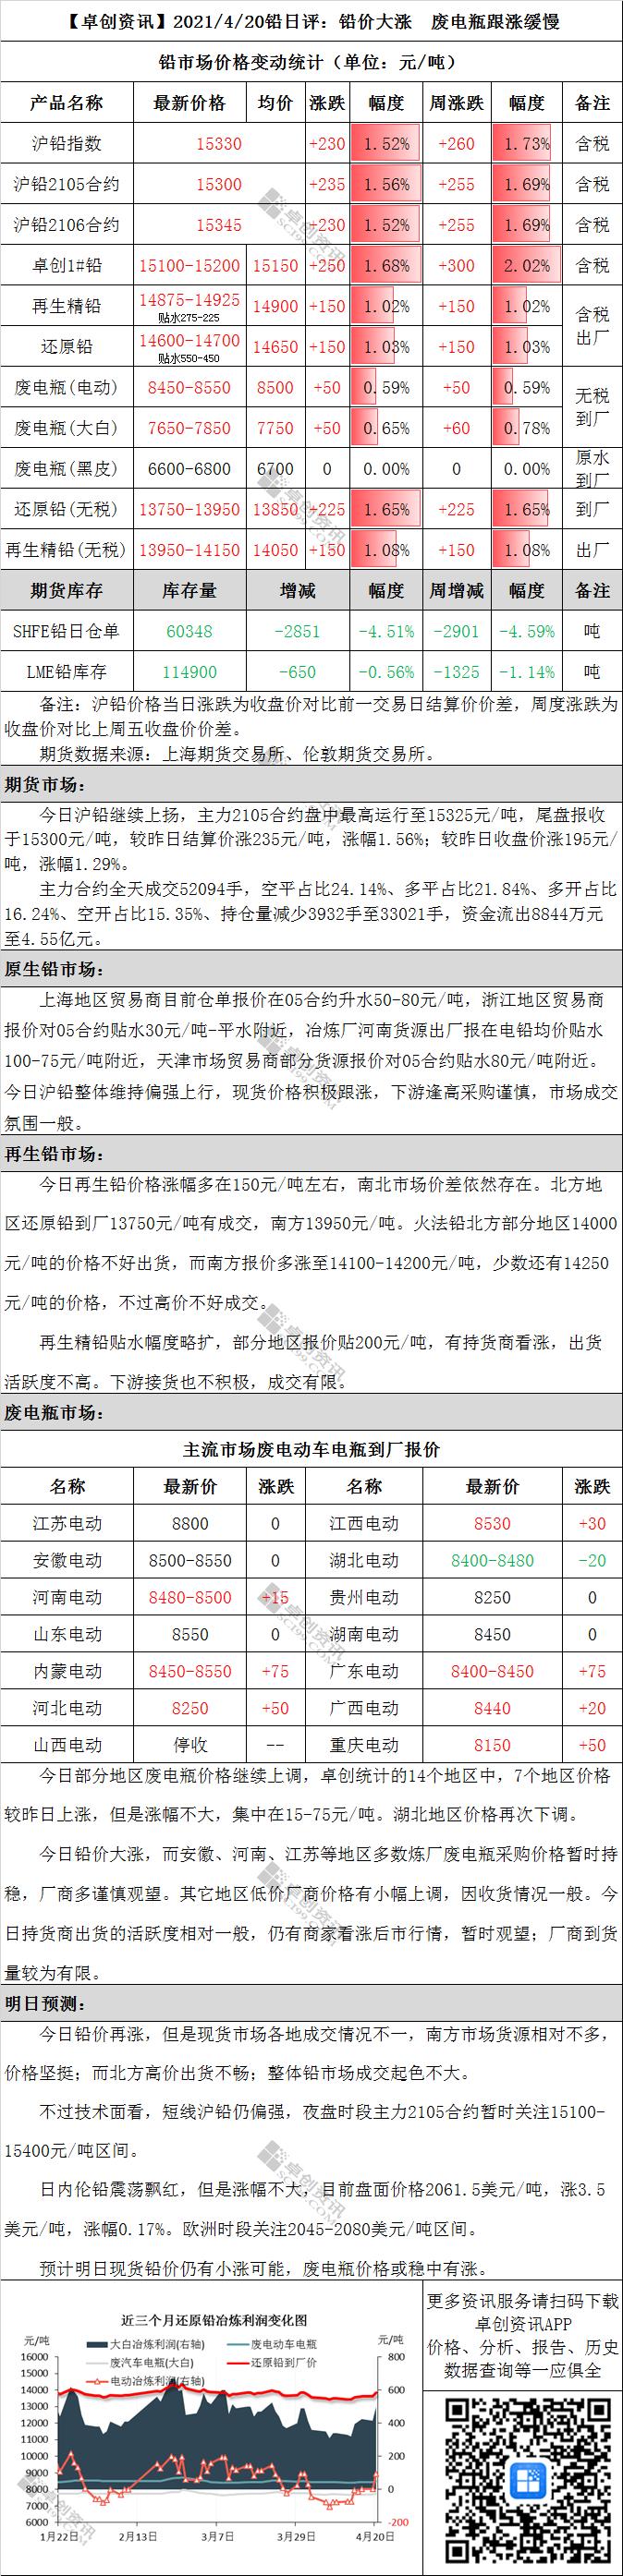 铅日评:铅价大涨 废电瓶跟涨缓慢